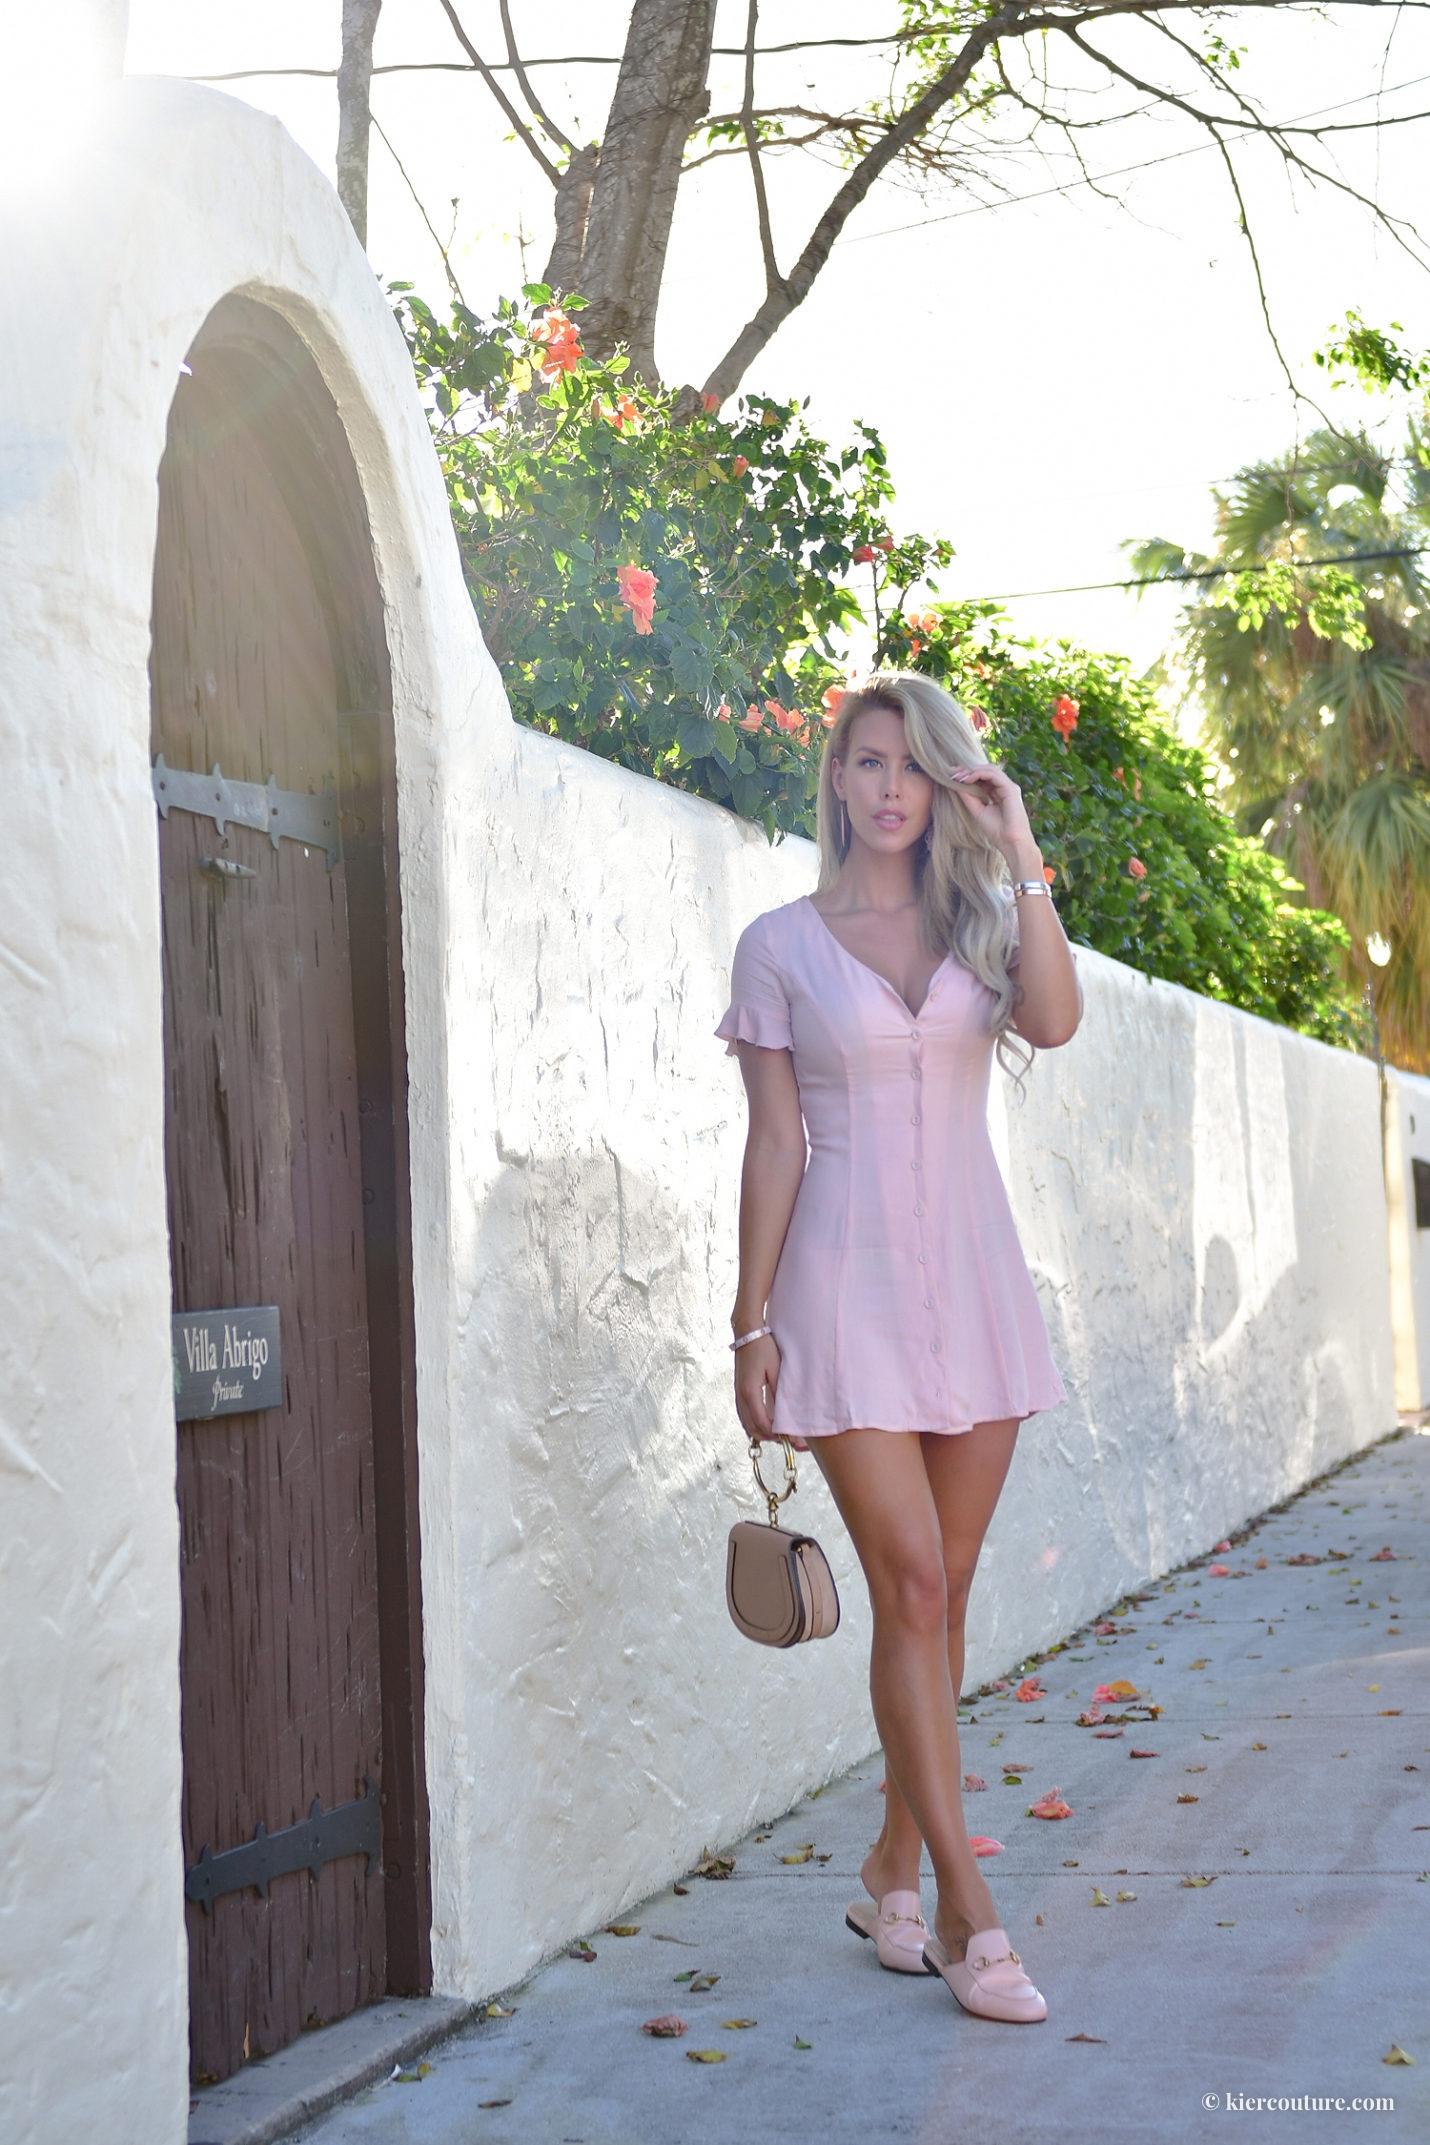 South florida blogger